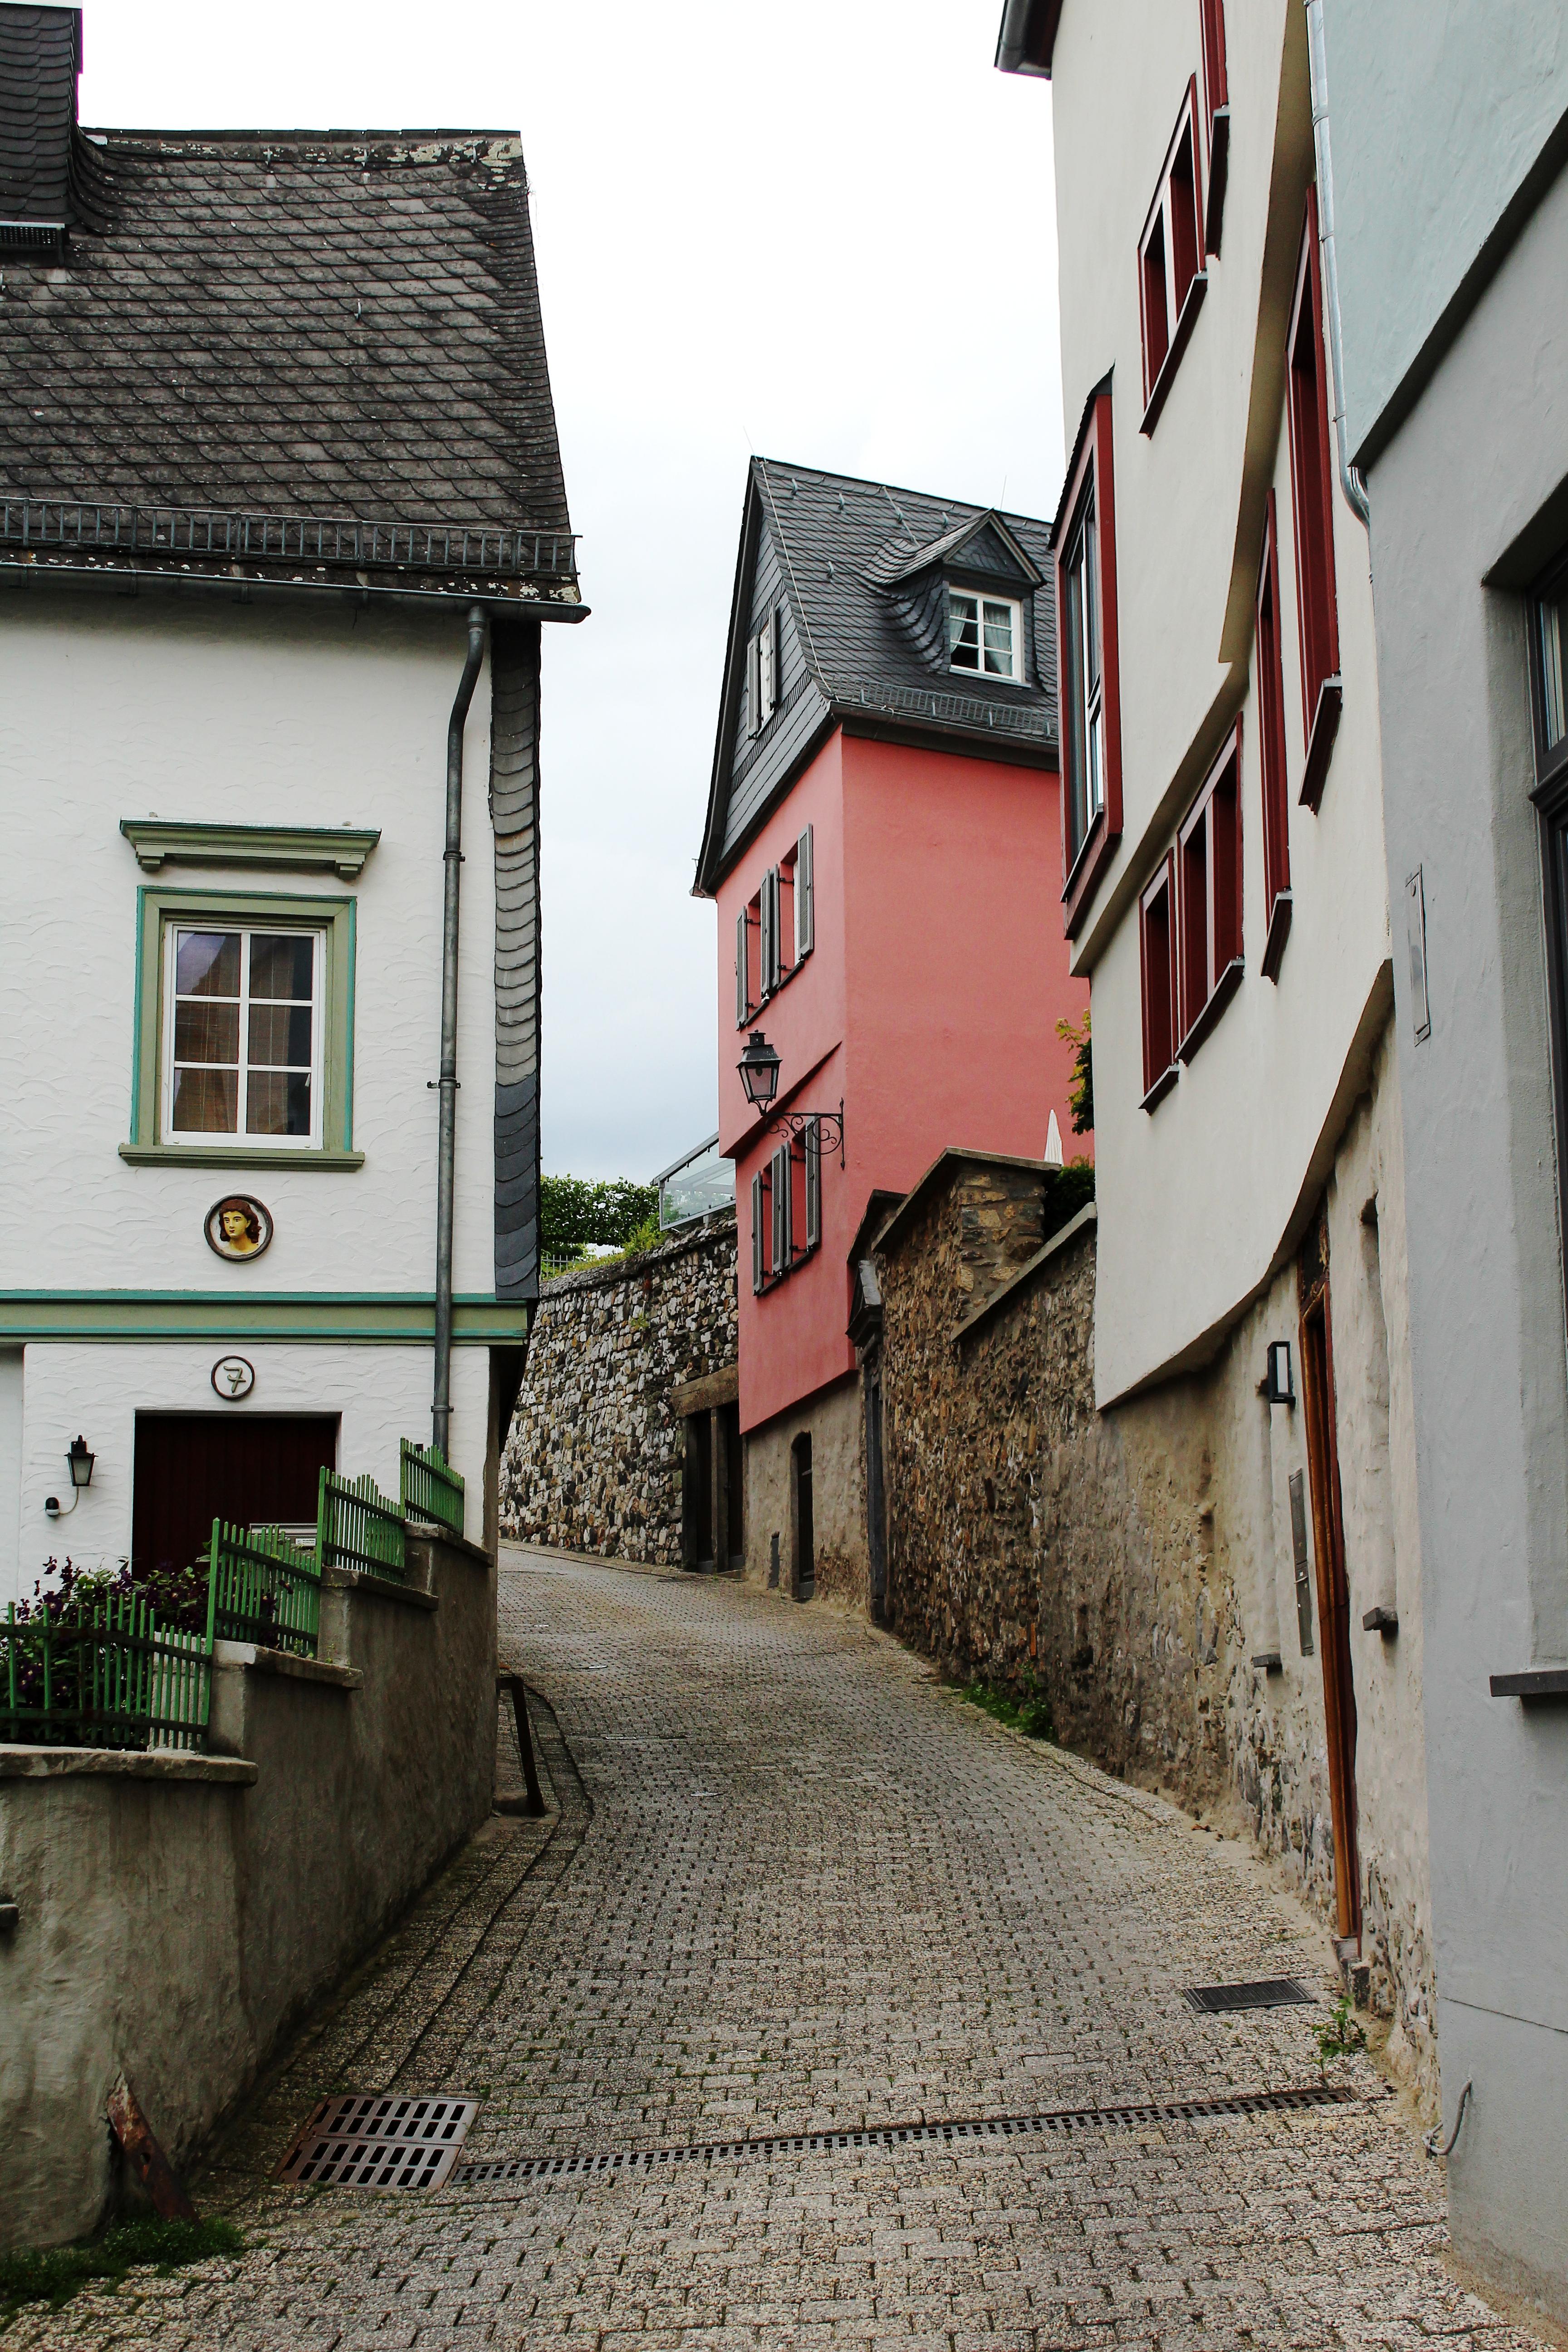 A beautiful street in Limburg.